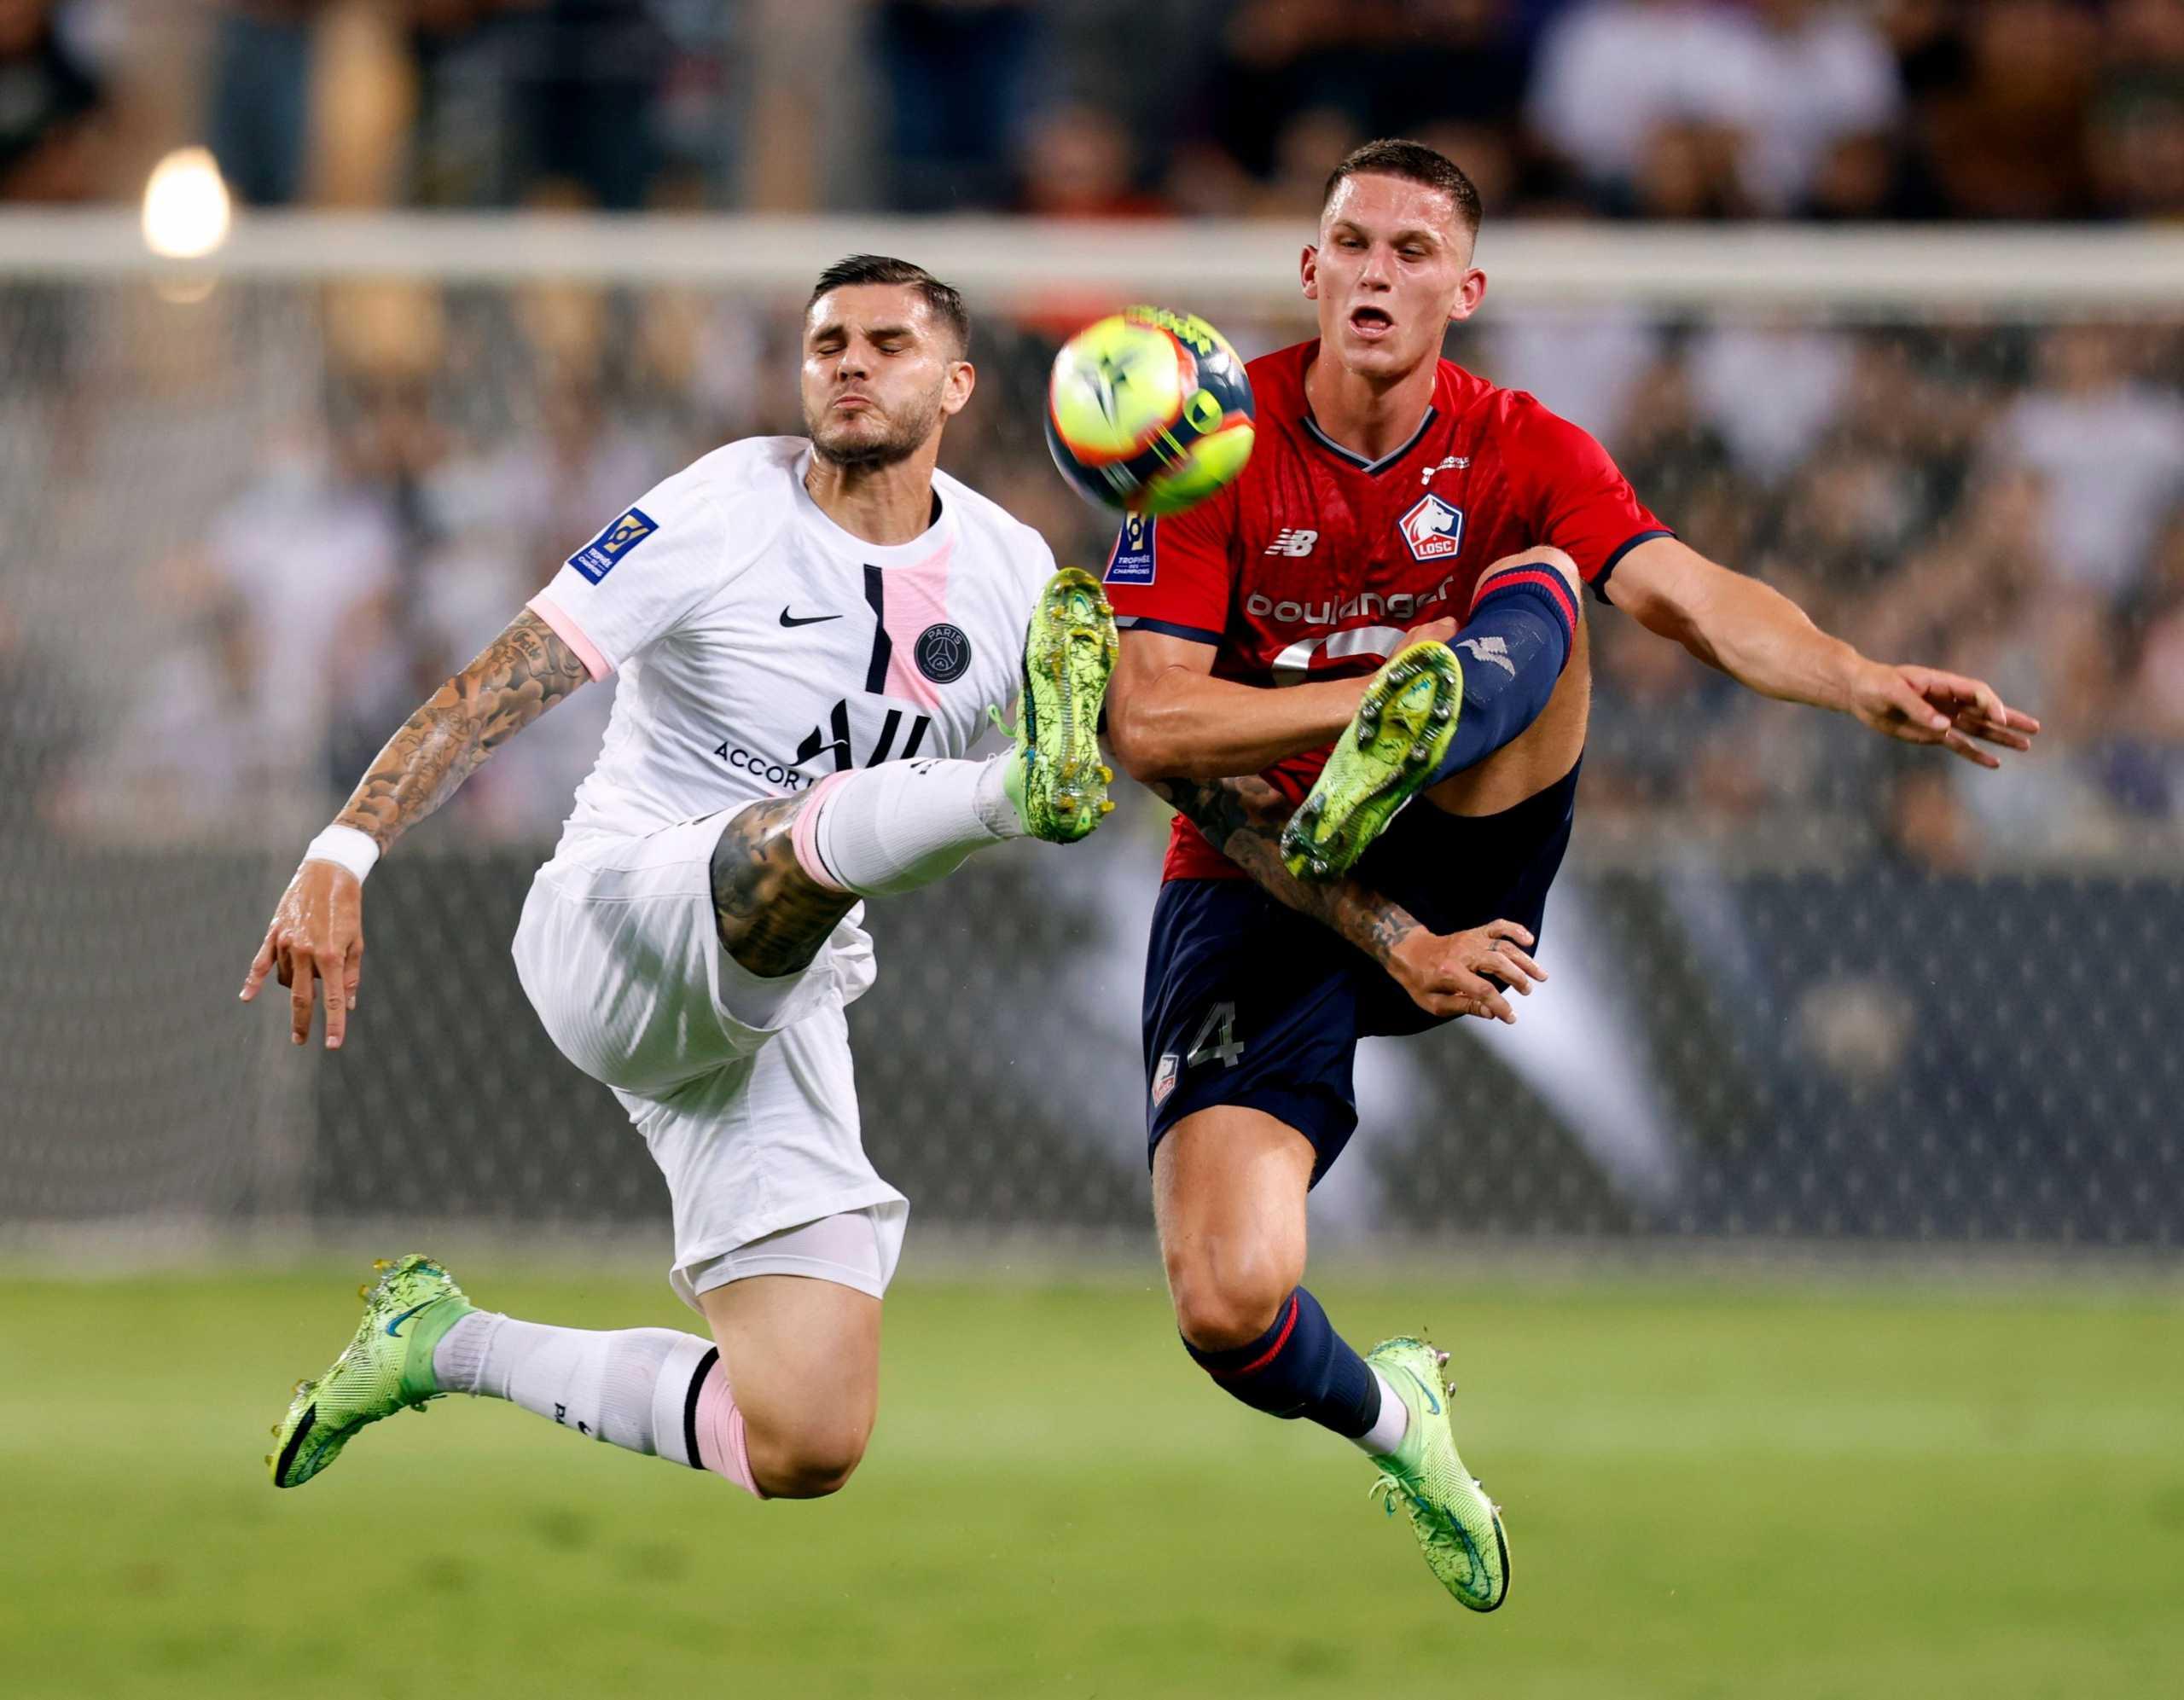 Λιλ – Παρί 1-0: Μετά το πρωτάθλημα της πήρε και το Super Cup Γαλλίας με μια γκολάρα